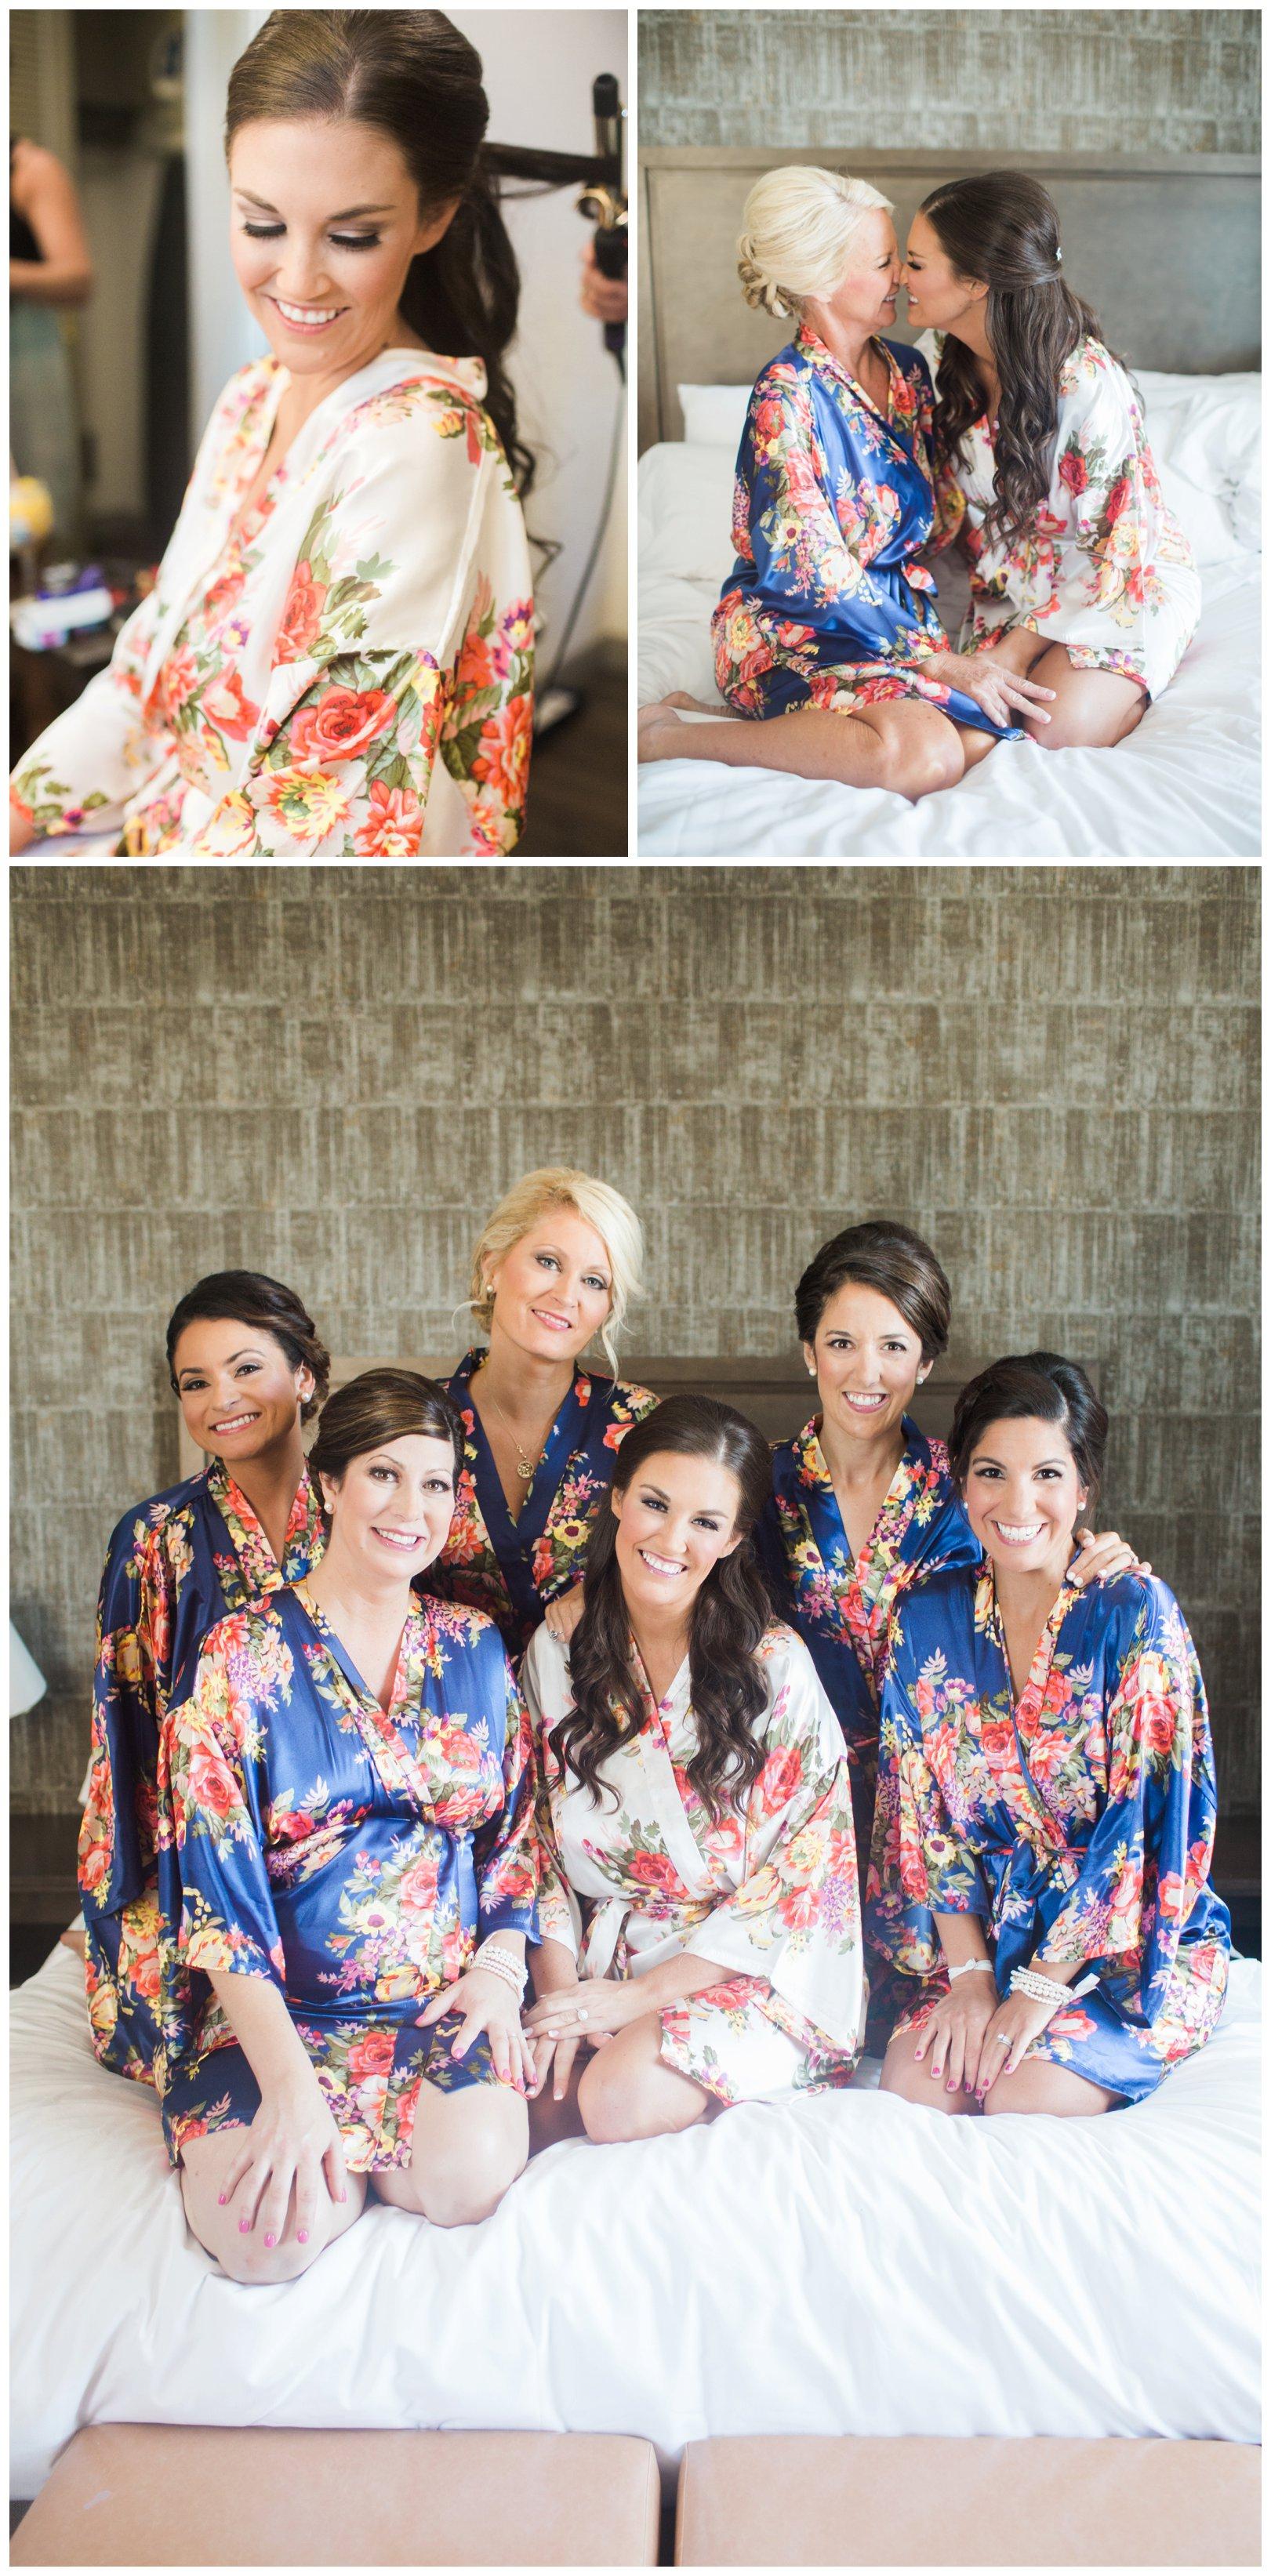 lauren muckler photography_fine art film wedding photography_st louis_photography_1238.jpg